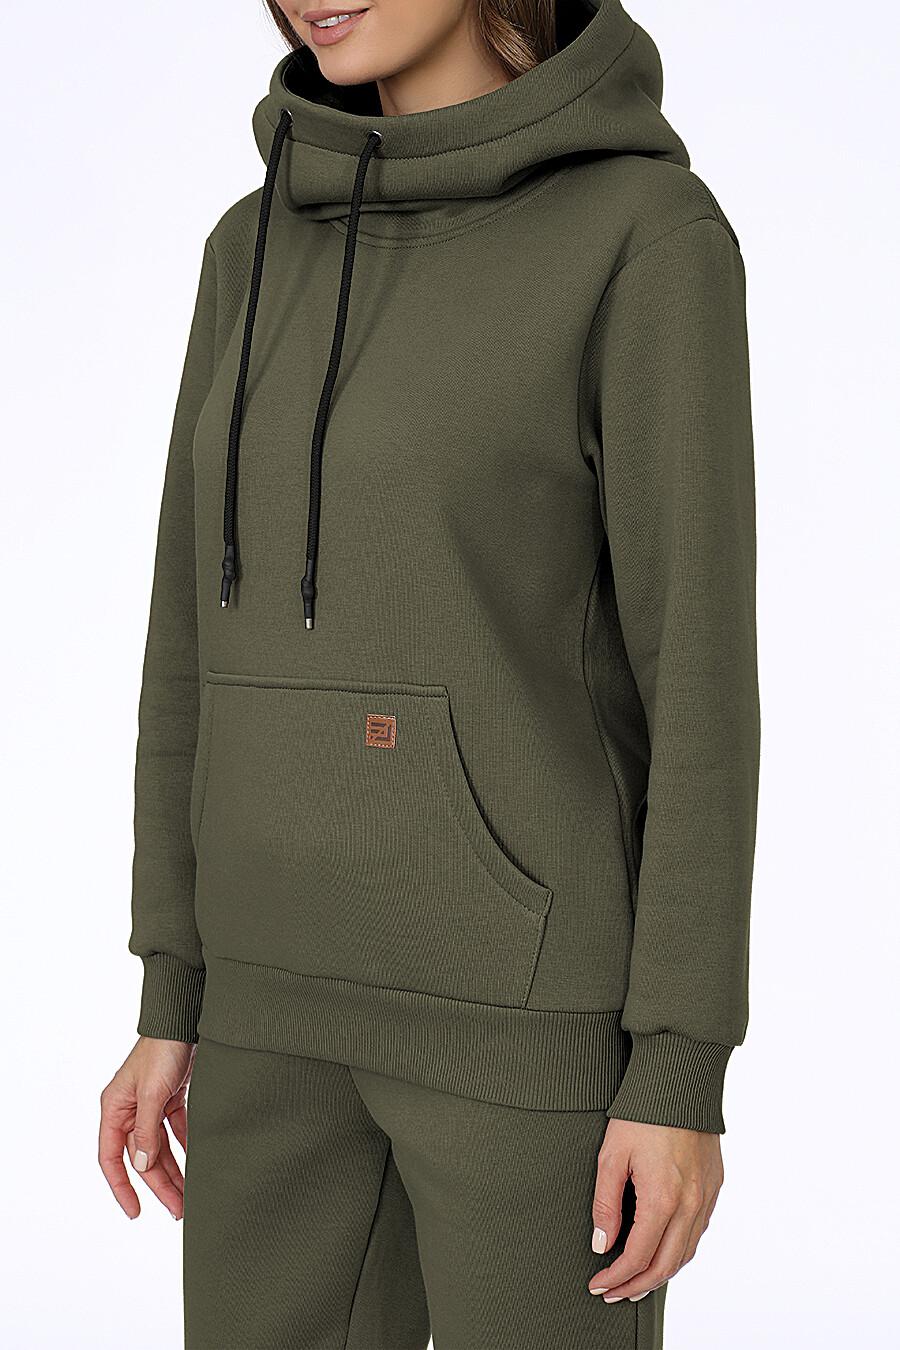 Костюм (Брюки+Худи) для женщин EZANNA 707997 купить оптом от производителя. Совместная покупка женской одежды в OptMoyo